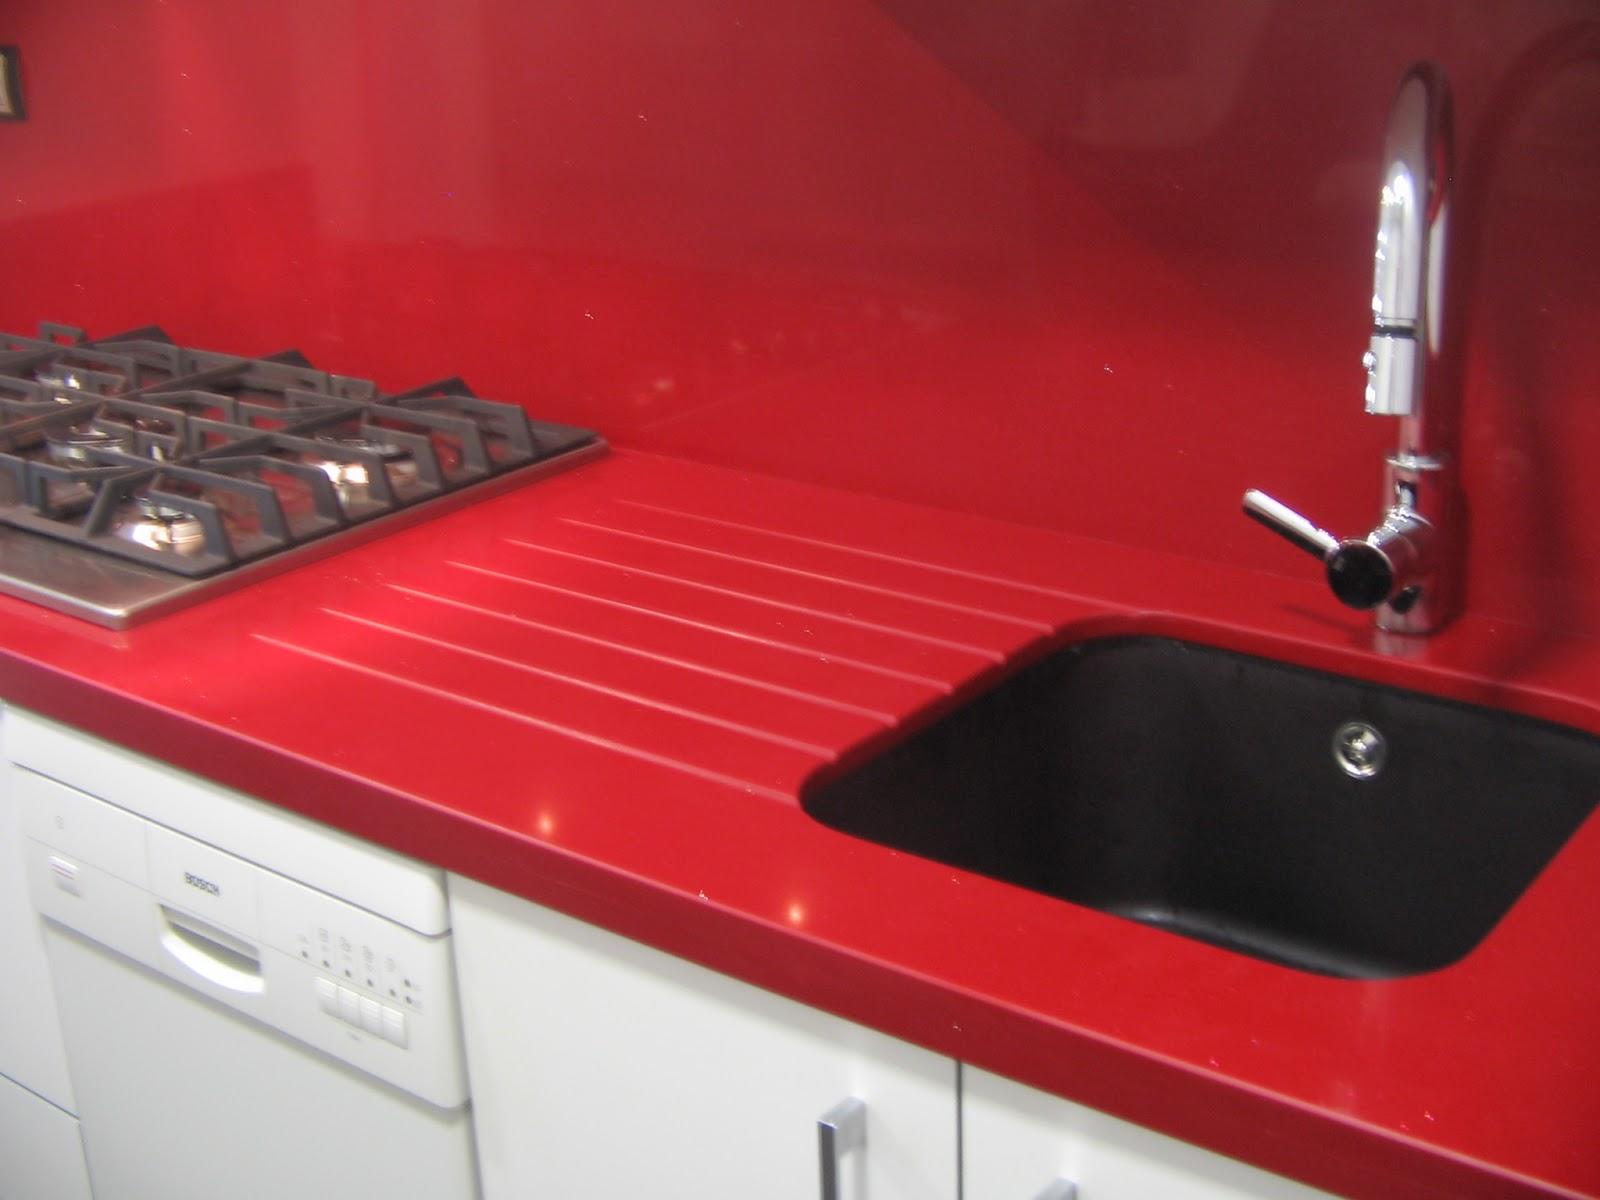 Encimeras de cocina cu les son y c mo conservarlas - Colores de encimeras de silestone ...